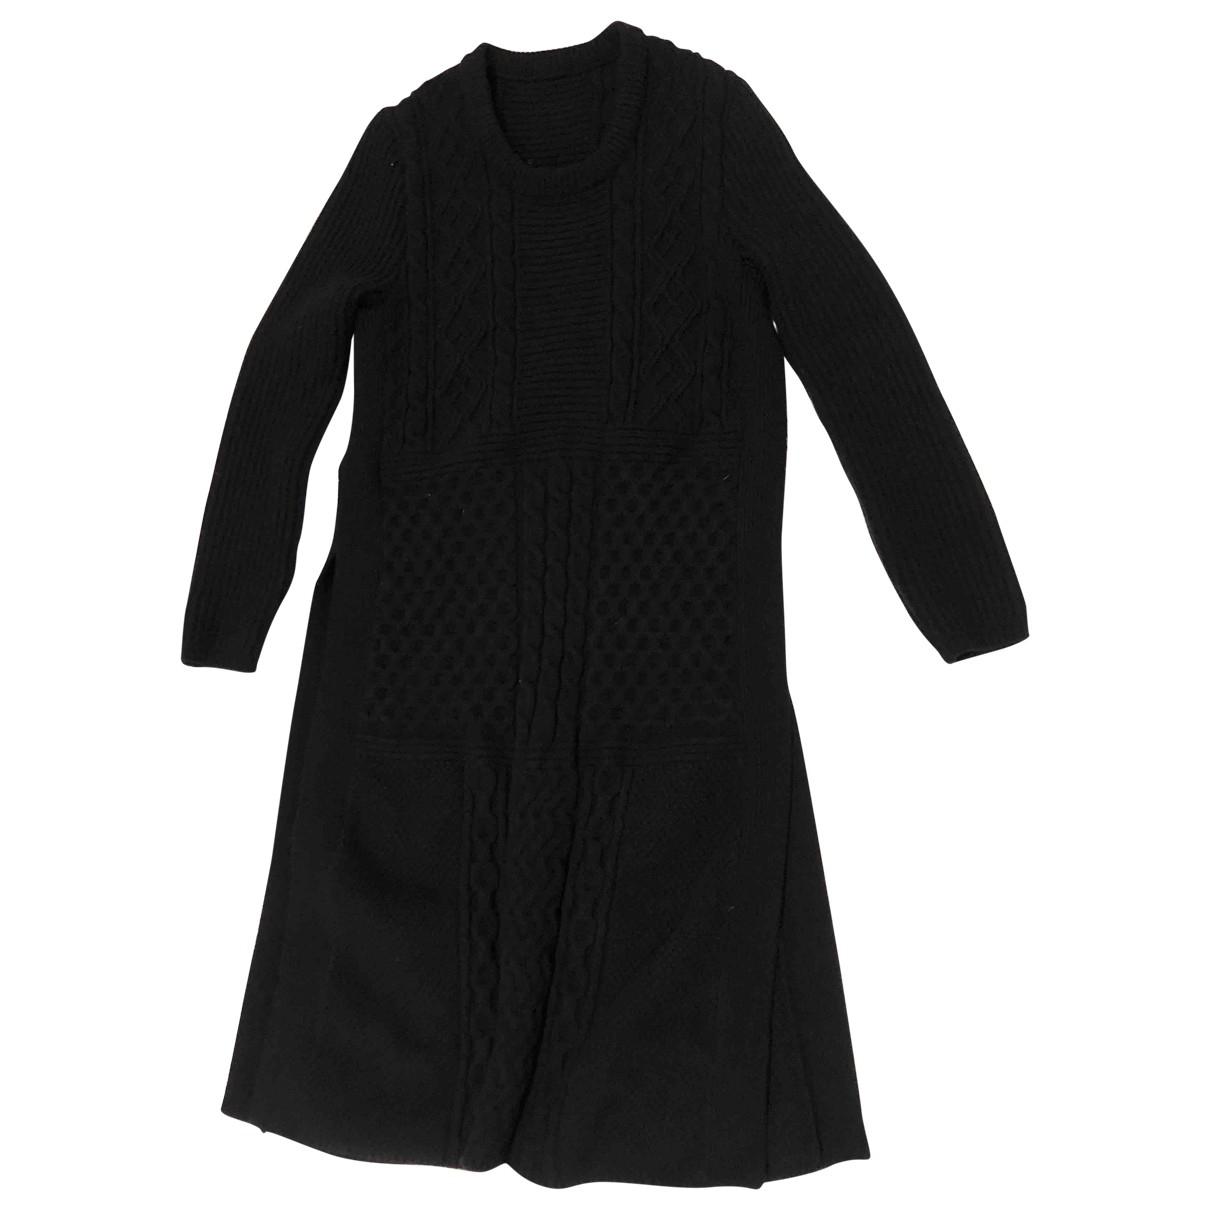 Maxi vestido de Lana Non Signe / Unsigned